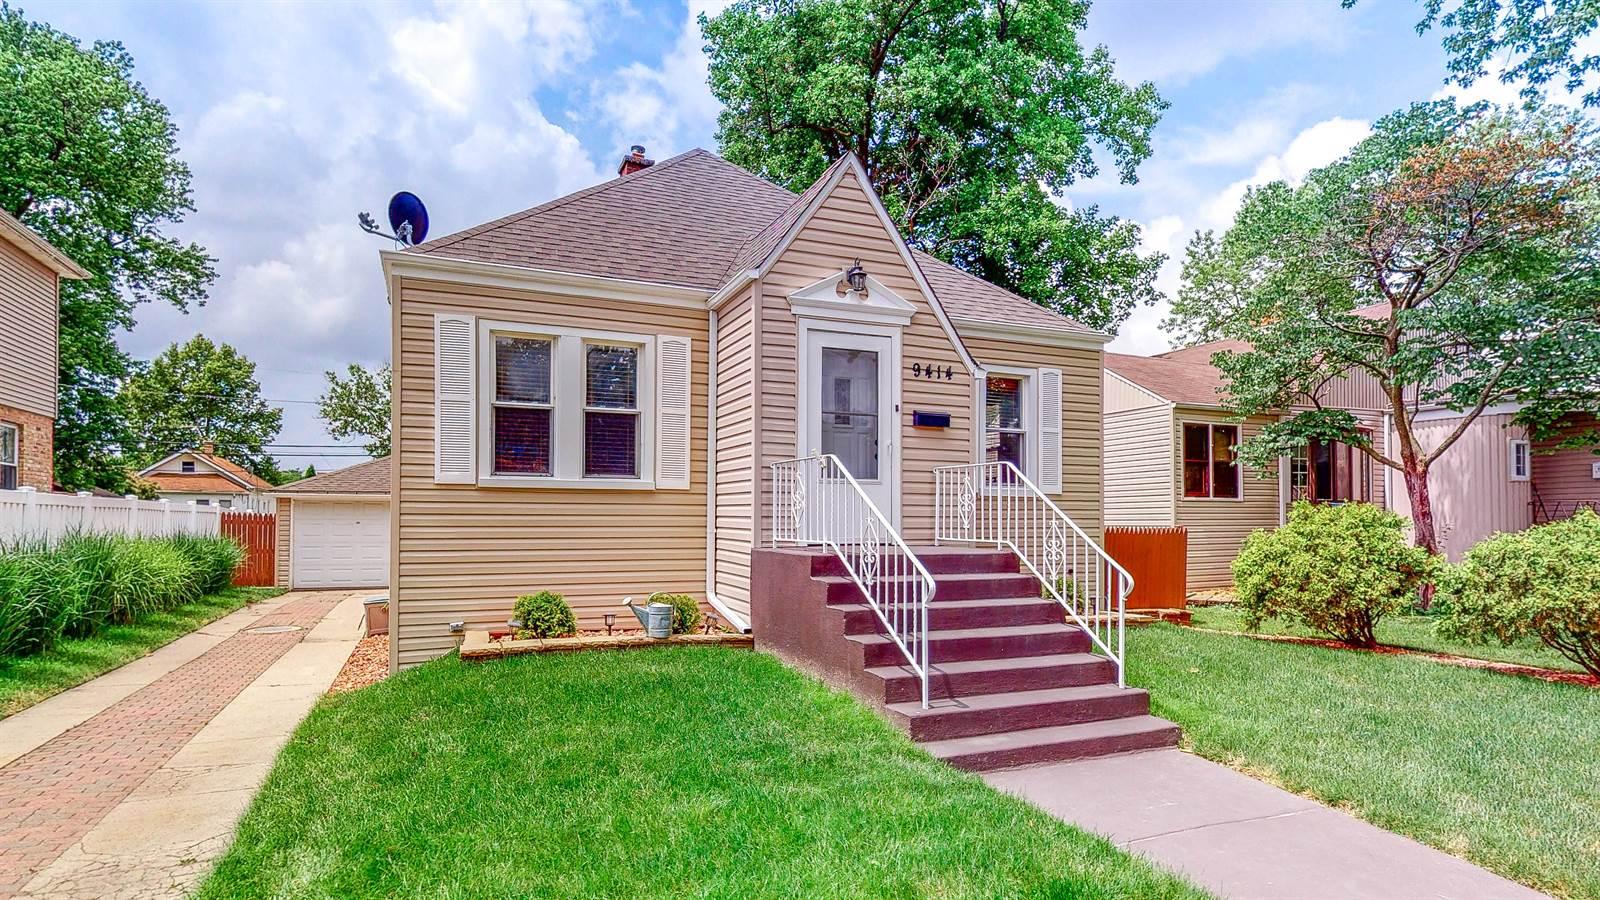 9414 Tulley, Oak Lawn, IL 60453